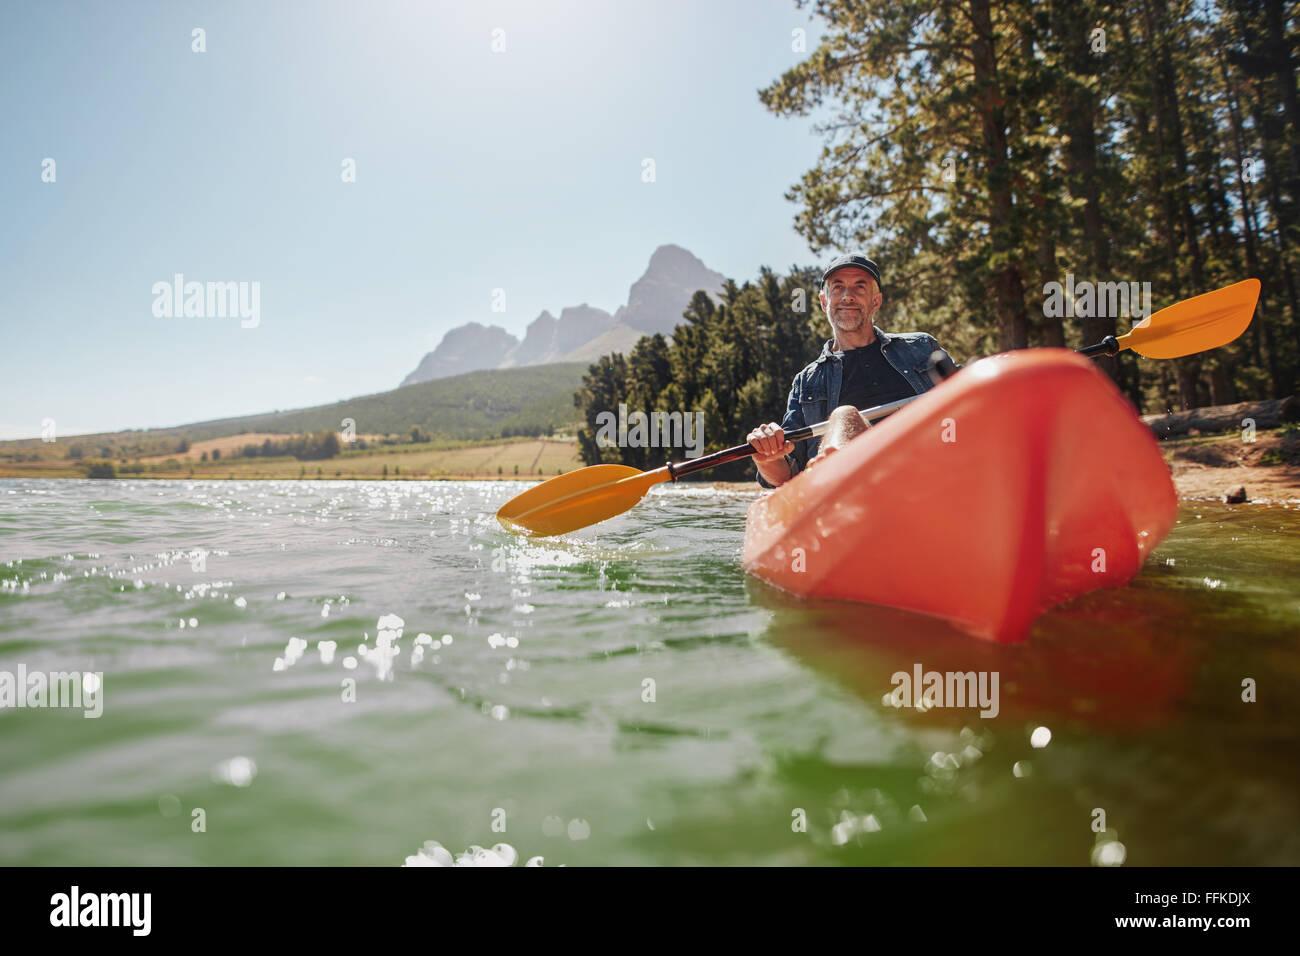 Vista posteriore di un anziano uomo canoa in un lago in una giornata di sole. Uomo senior di canoa kayak. Immagini Stock